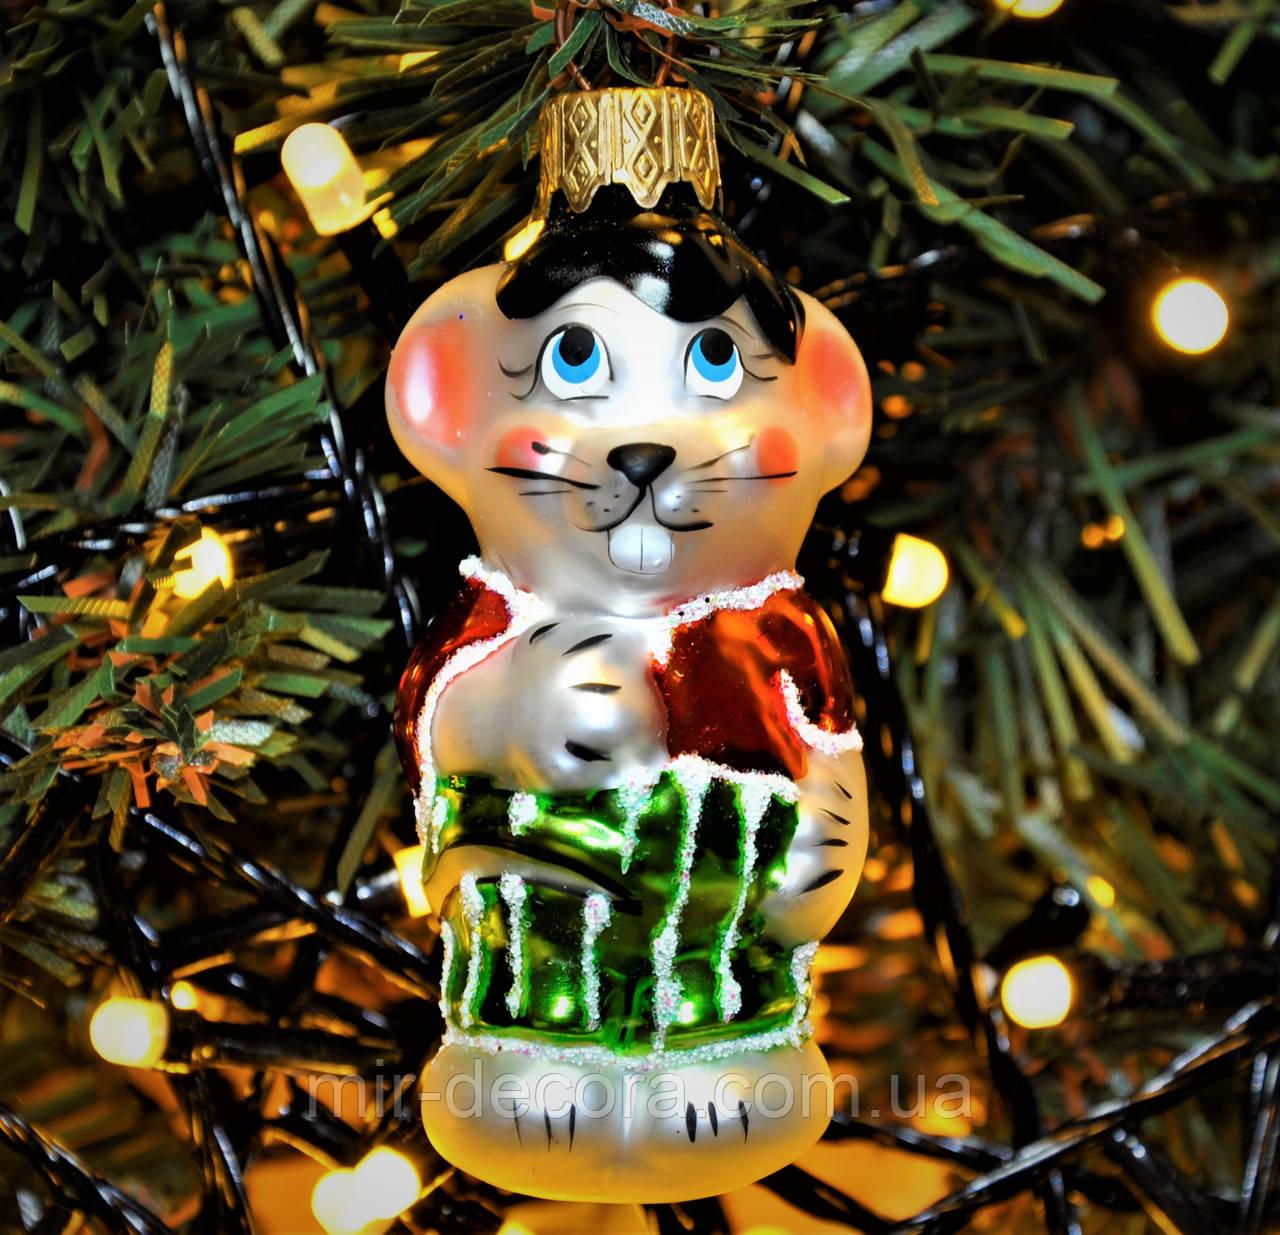 """Игрушка новогодняя стеклянная """"Мышь малыш"""". Размер 7 см. Цвет зеленый."""